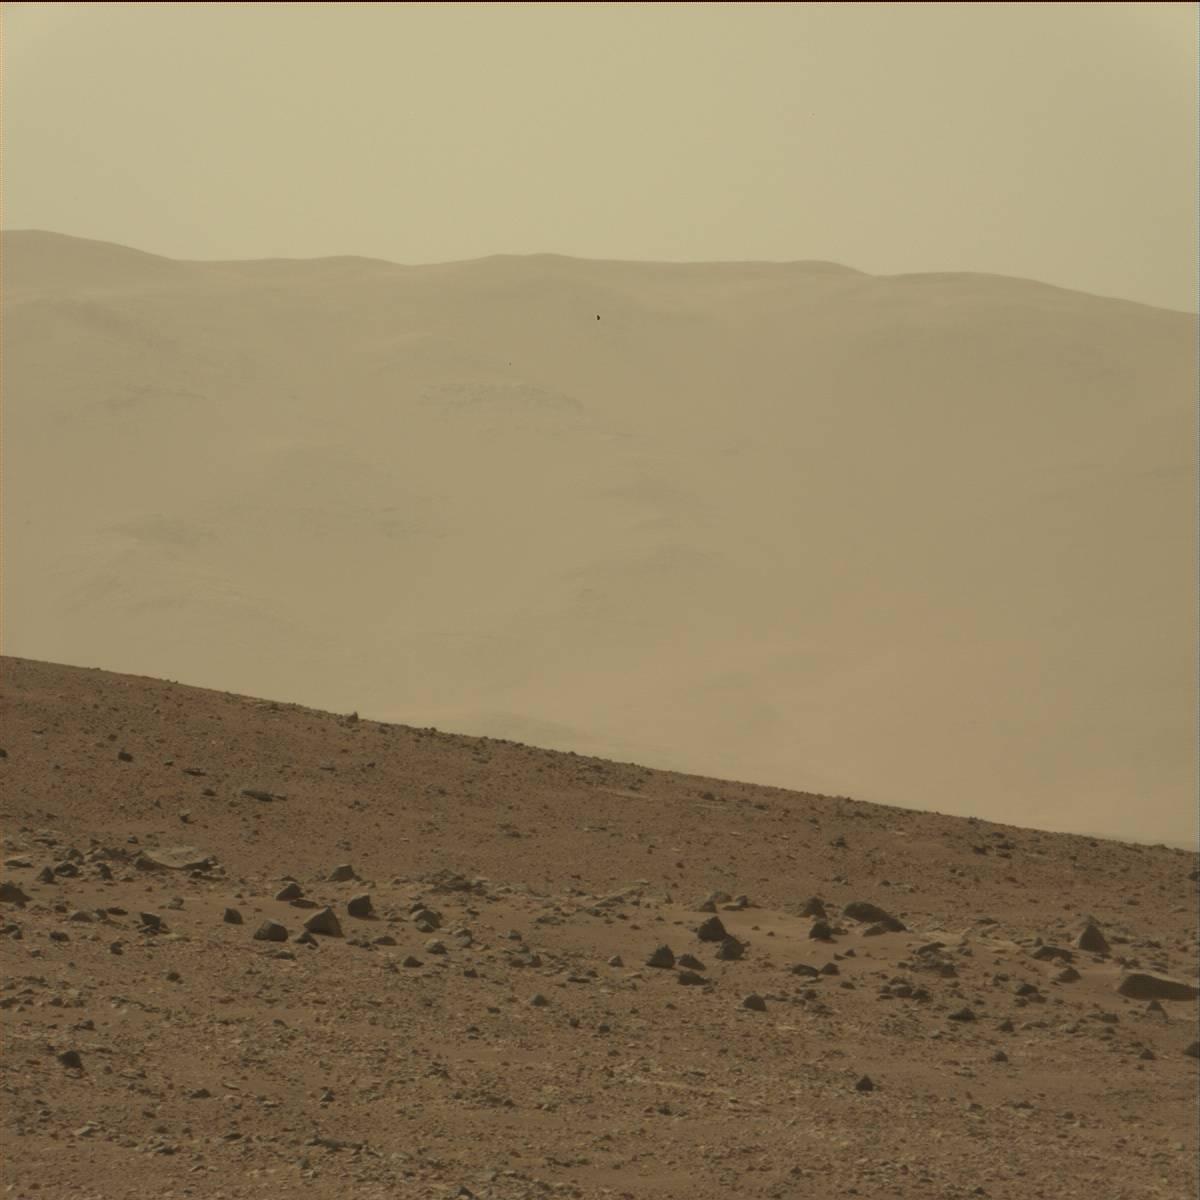 rover 75 mars - photo #48